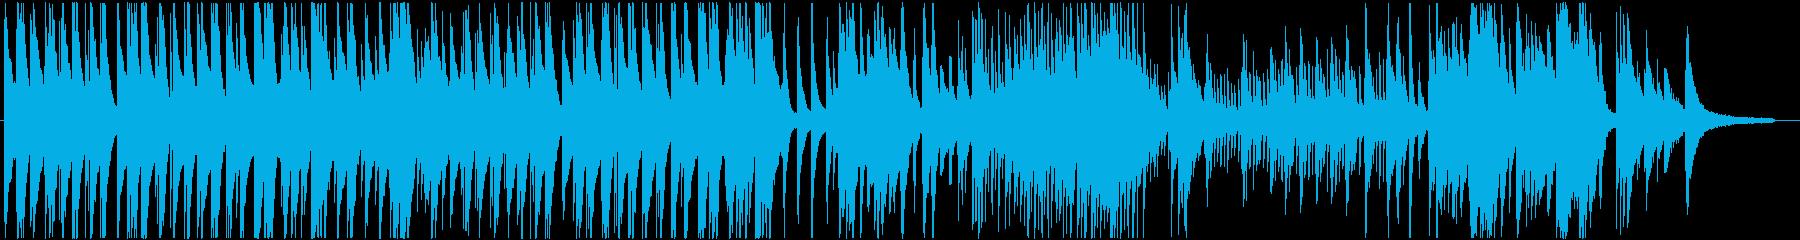 高音が美しい現代音楽的なピアノバラードの再生済みの波形